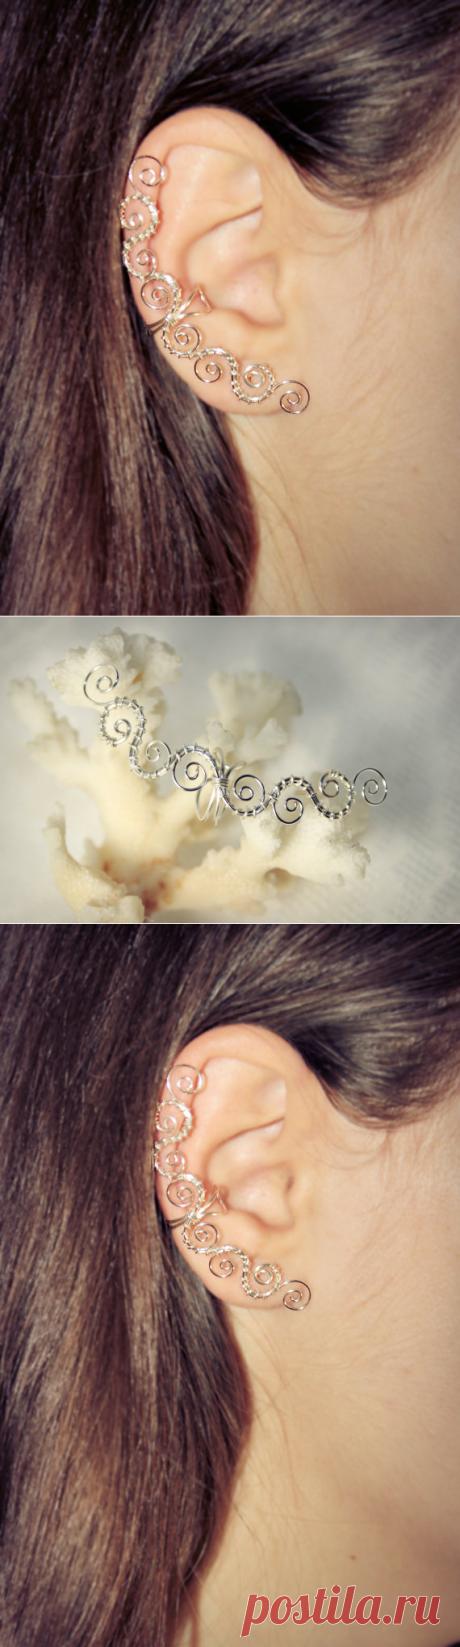 Pierced silvering Ear Cuff rock\/goth\/art deco\/boho from Flamens